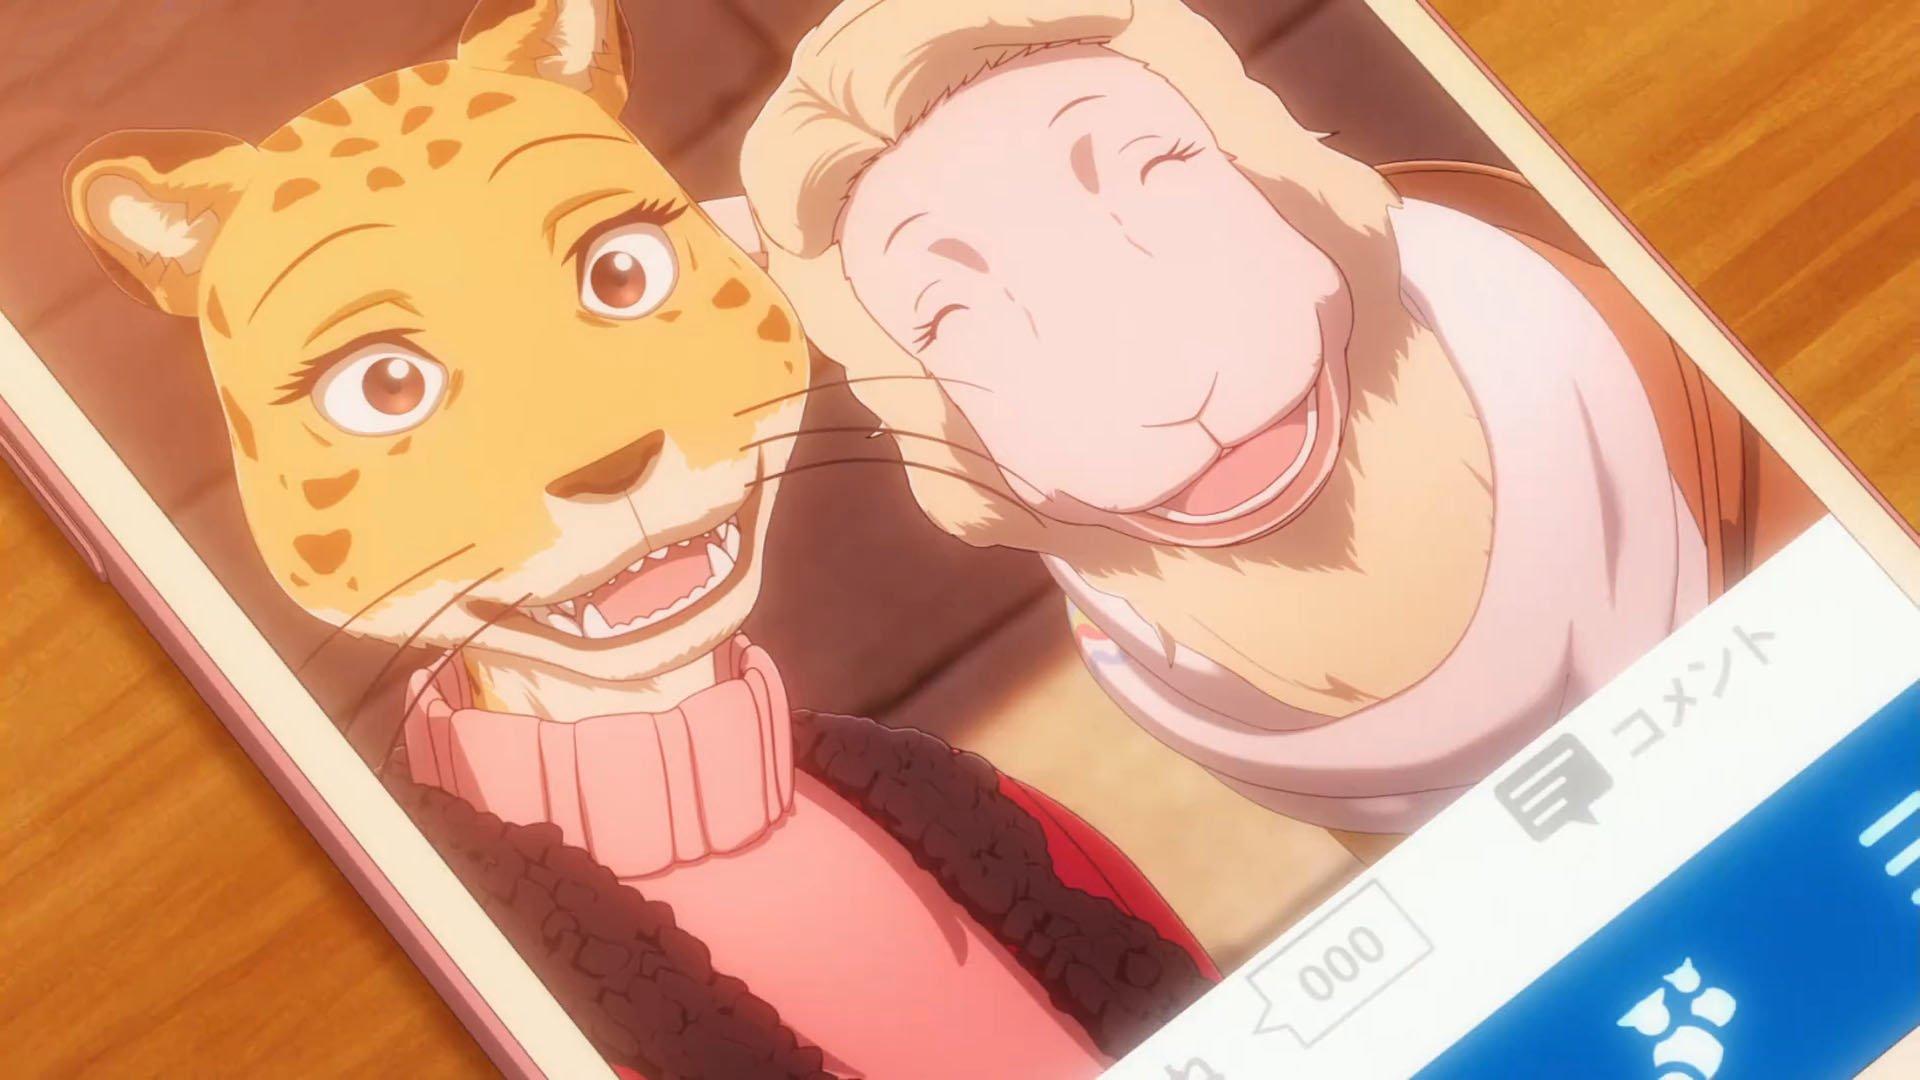 Imagen tomada del anime 'Beastars' que muestra una fotografía de Sheila y Peach sonriendo una junto a la otra.